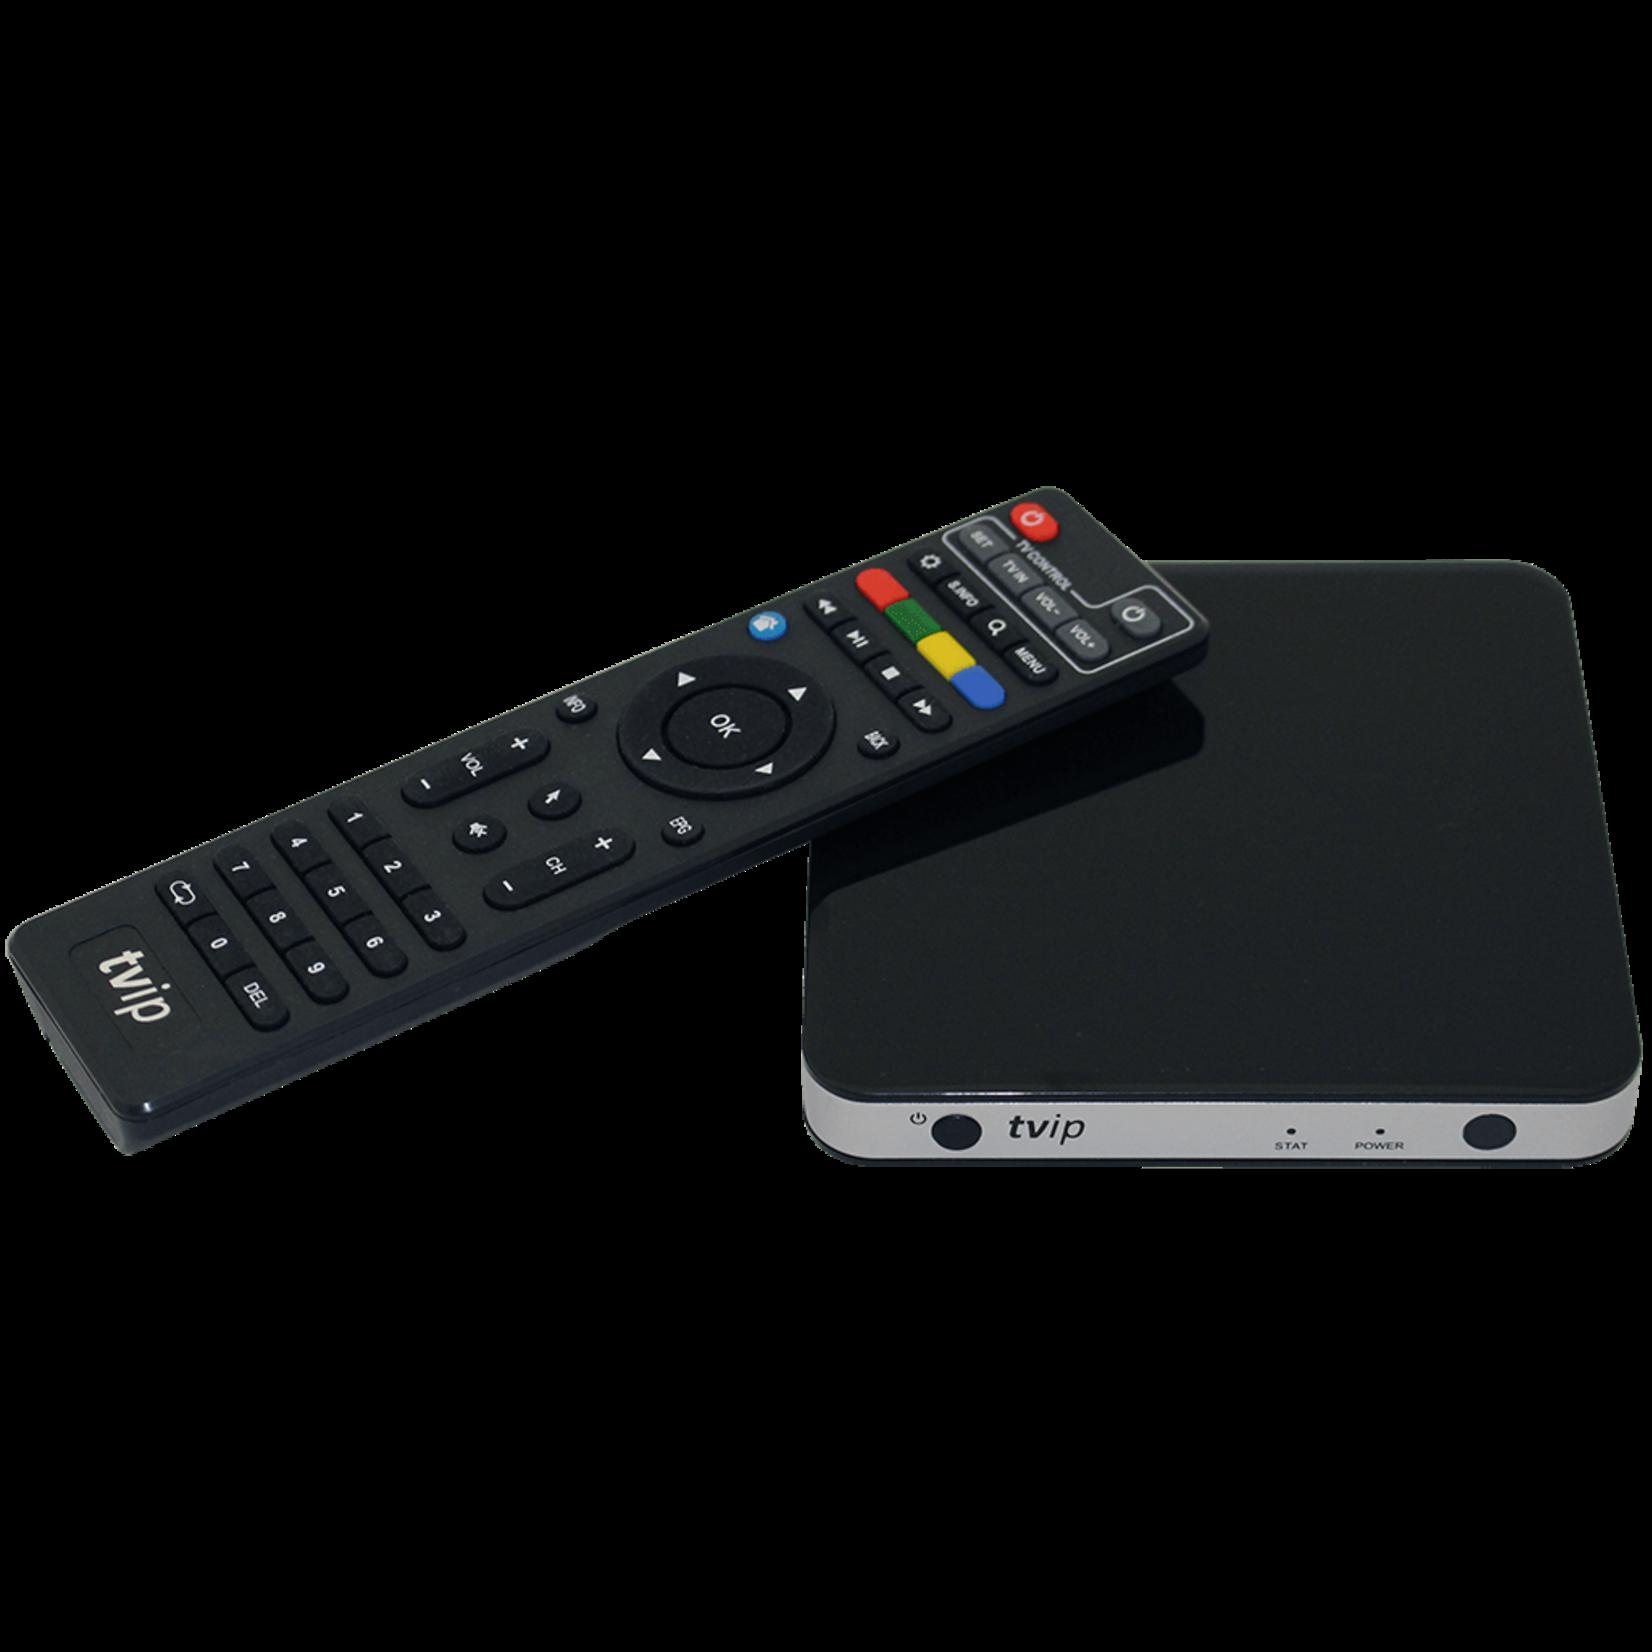 TVIP RECEPTEUR TVIP S605 - 4K ultra - avec double wifi